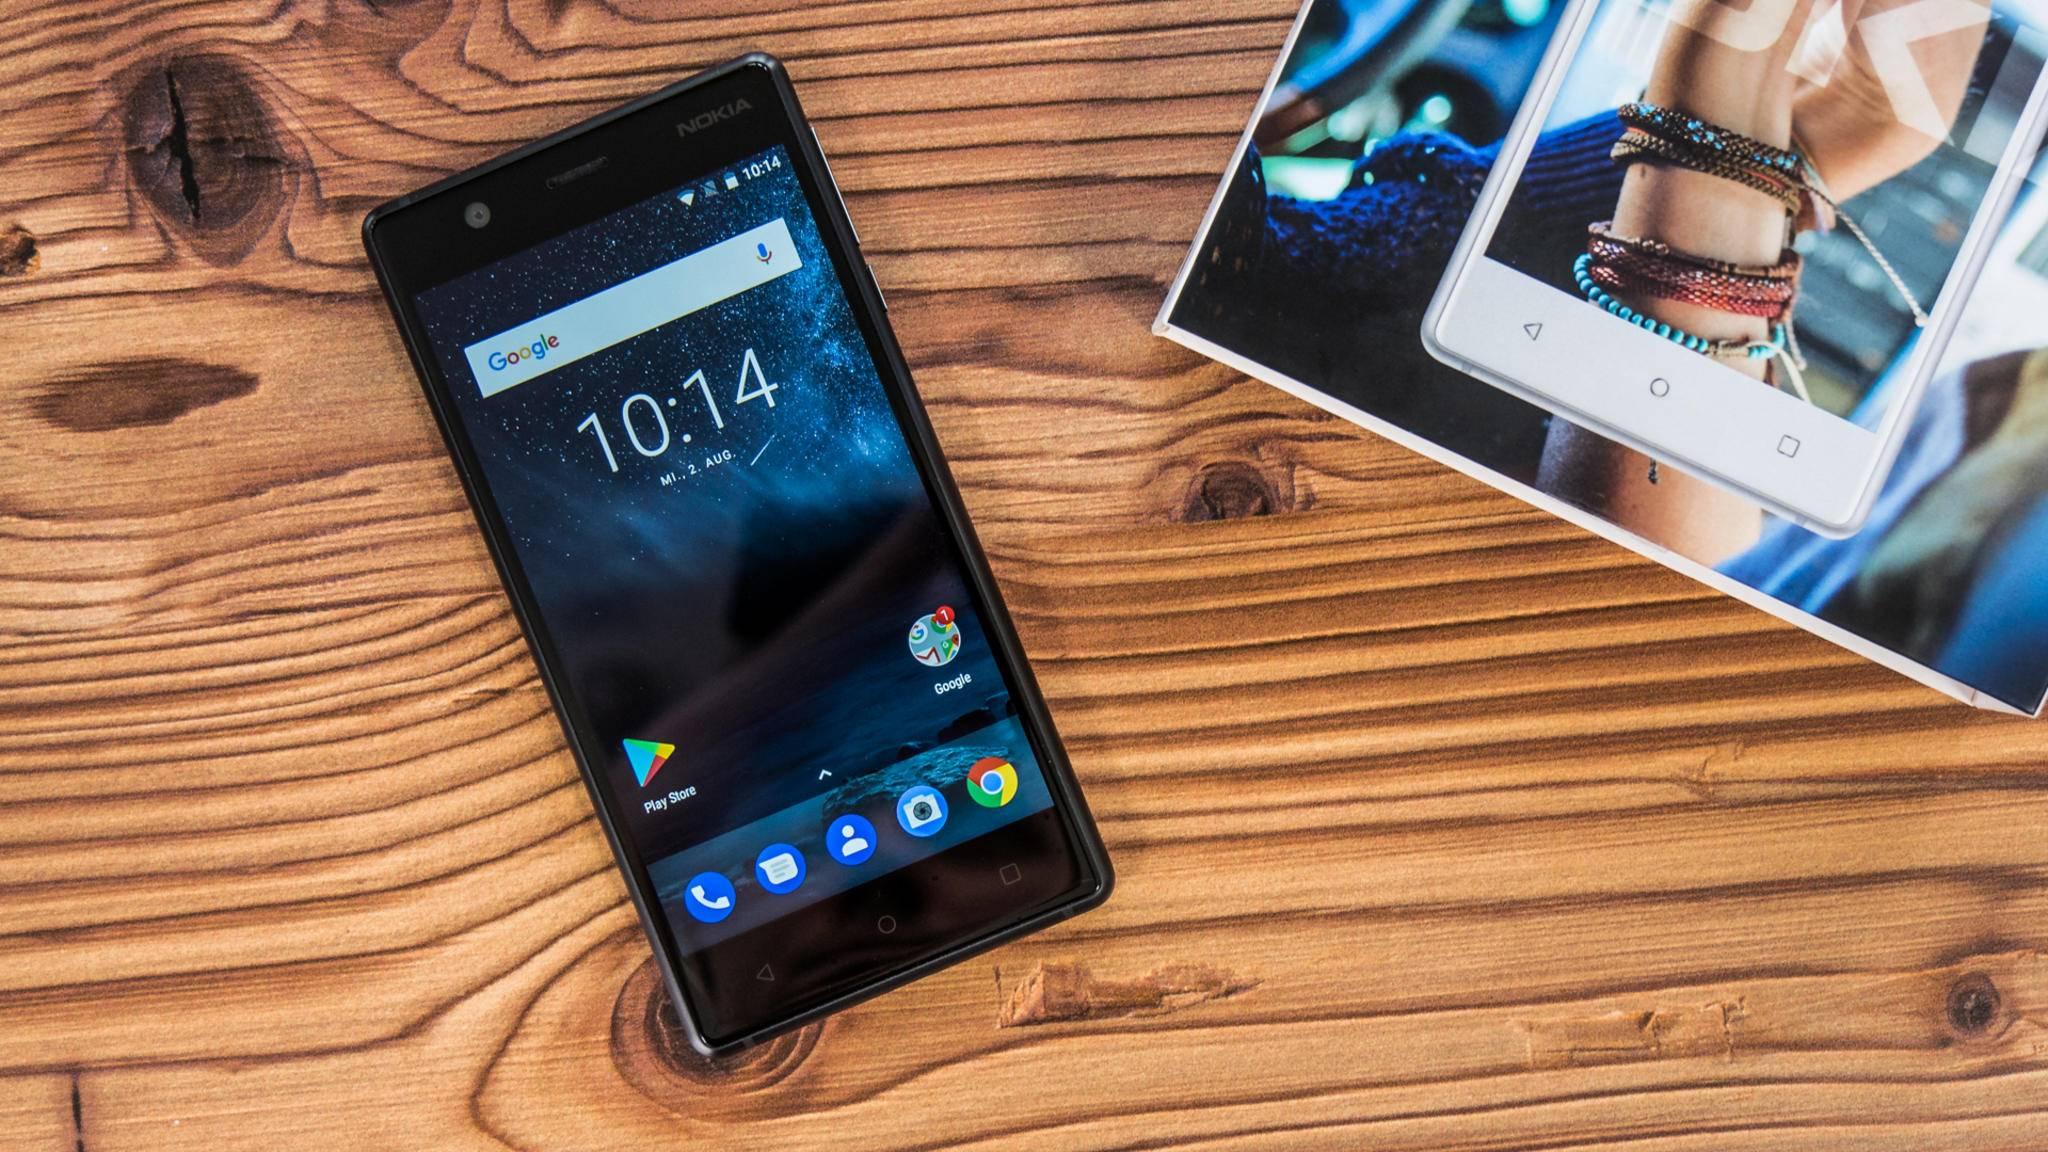 Das Nokia 3 möchte mit einem edlen Design in der Einsteigerklasse punkten.